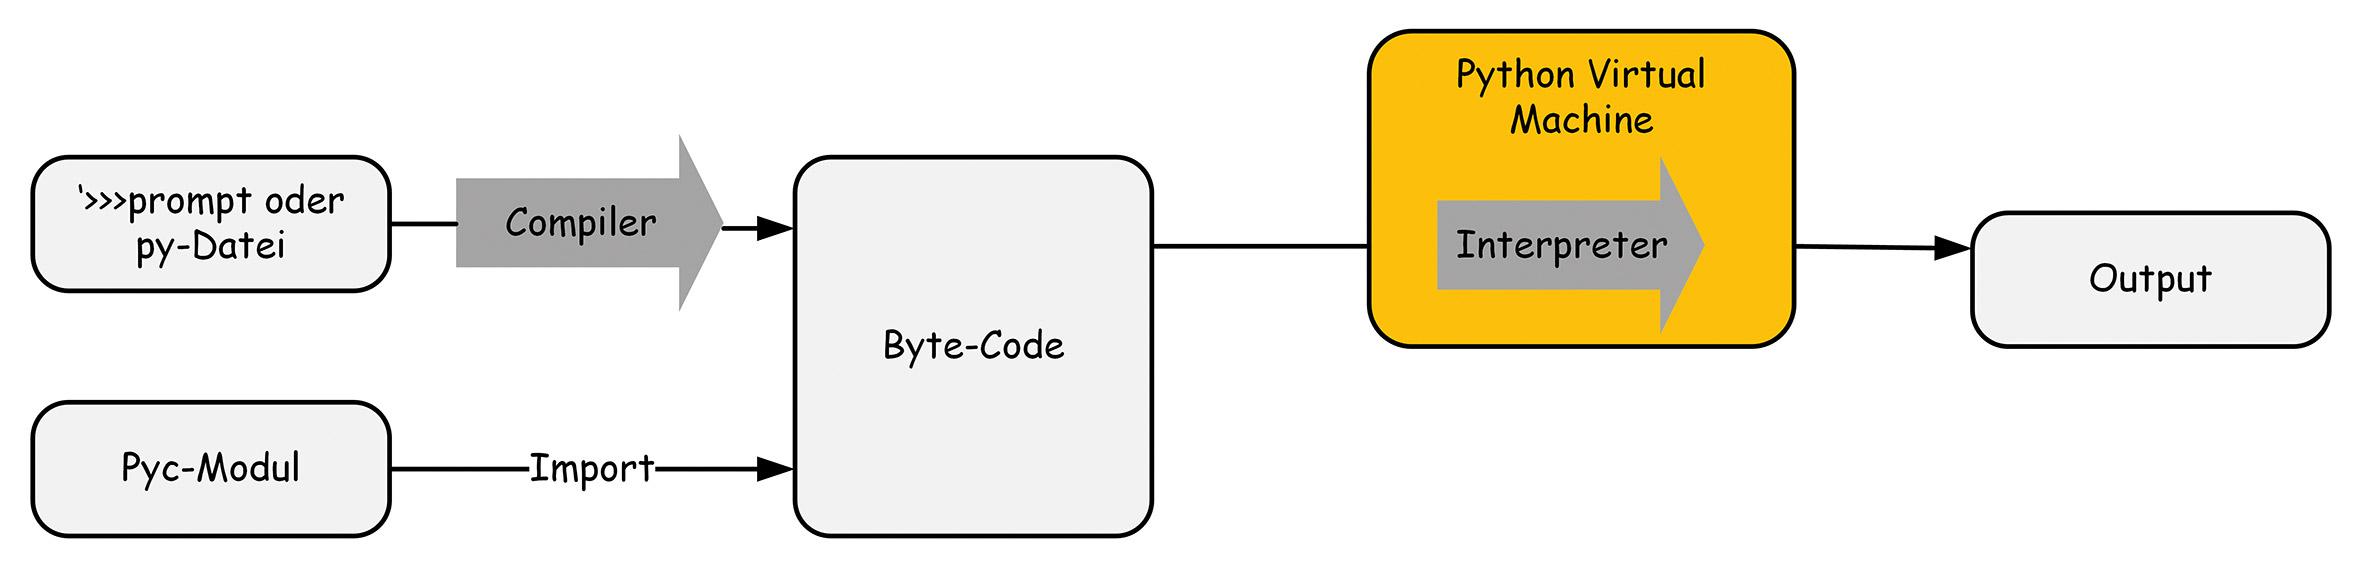 bochkor_python_1.tif_fmt1.jpg